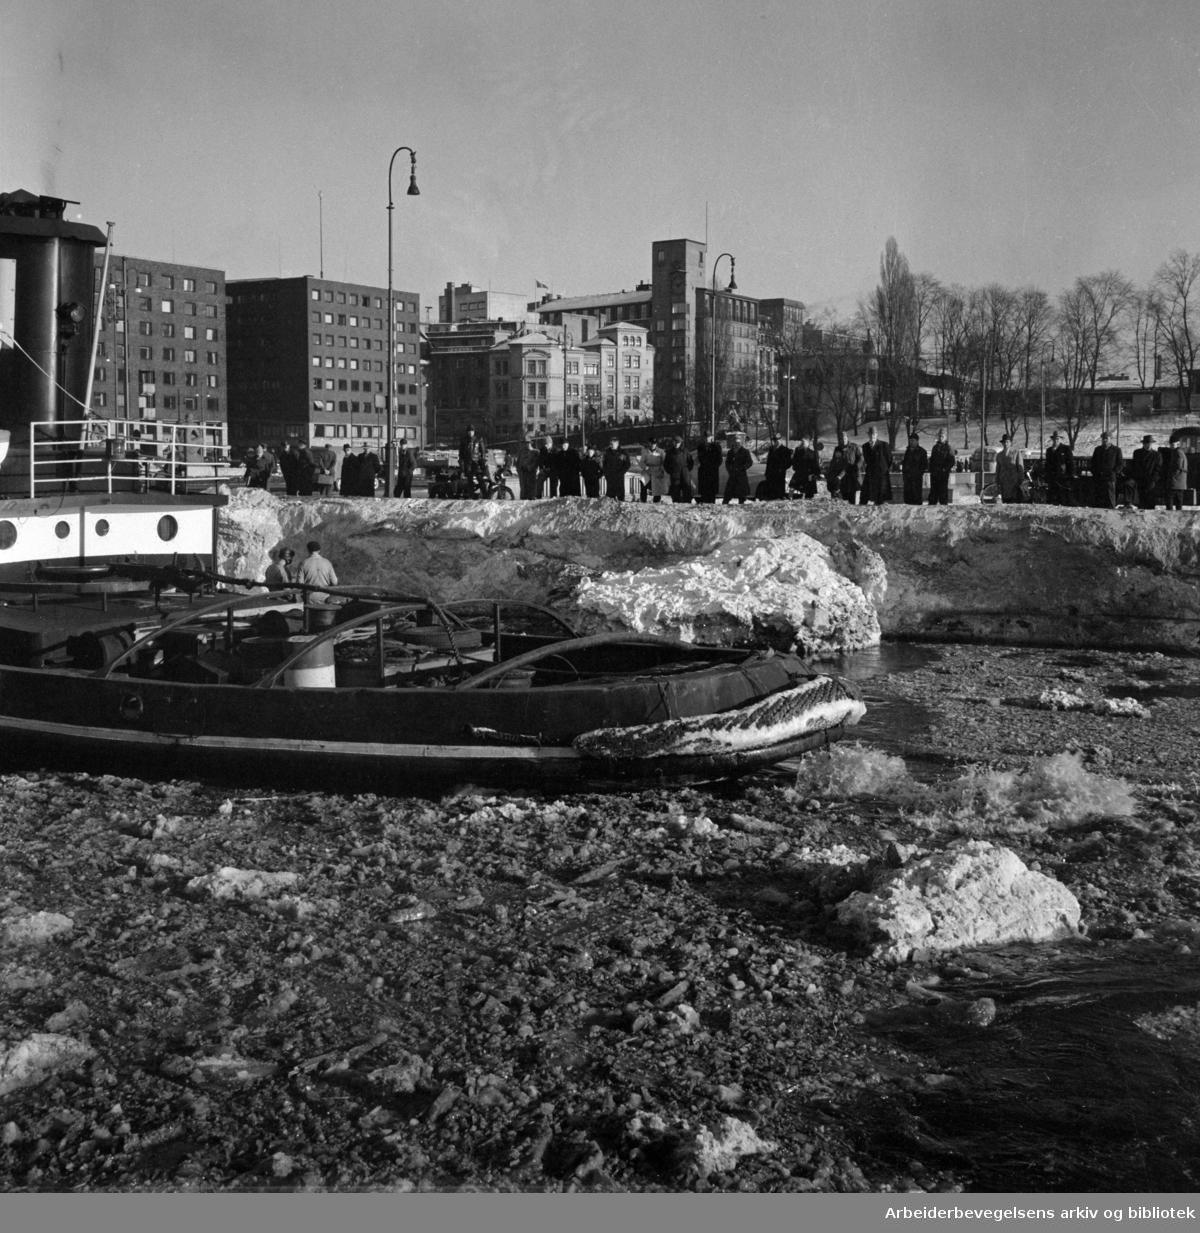 Vinter i Oslo. Rådhusplassen sett fra Rådhusbrygge 3. Rådhusgata med blant annet Rederiforbundet og restaurant Skansen i bakgrunnen. Isbryter og tilskuere. Skuelystne. Mars 1954